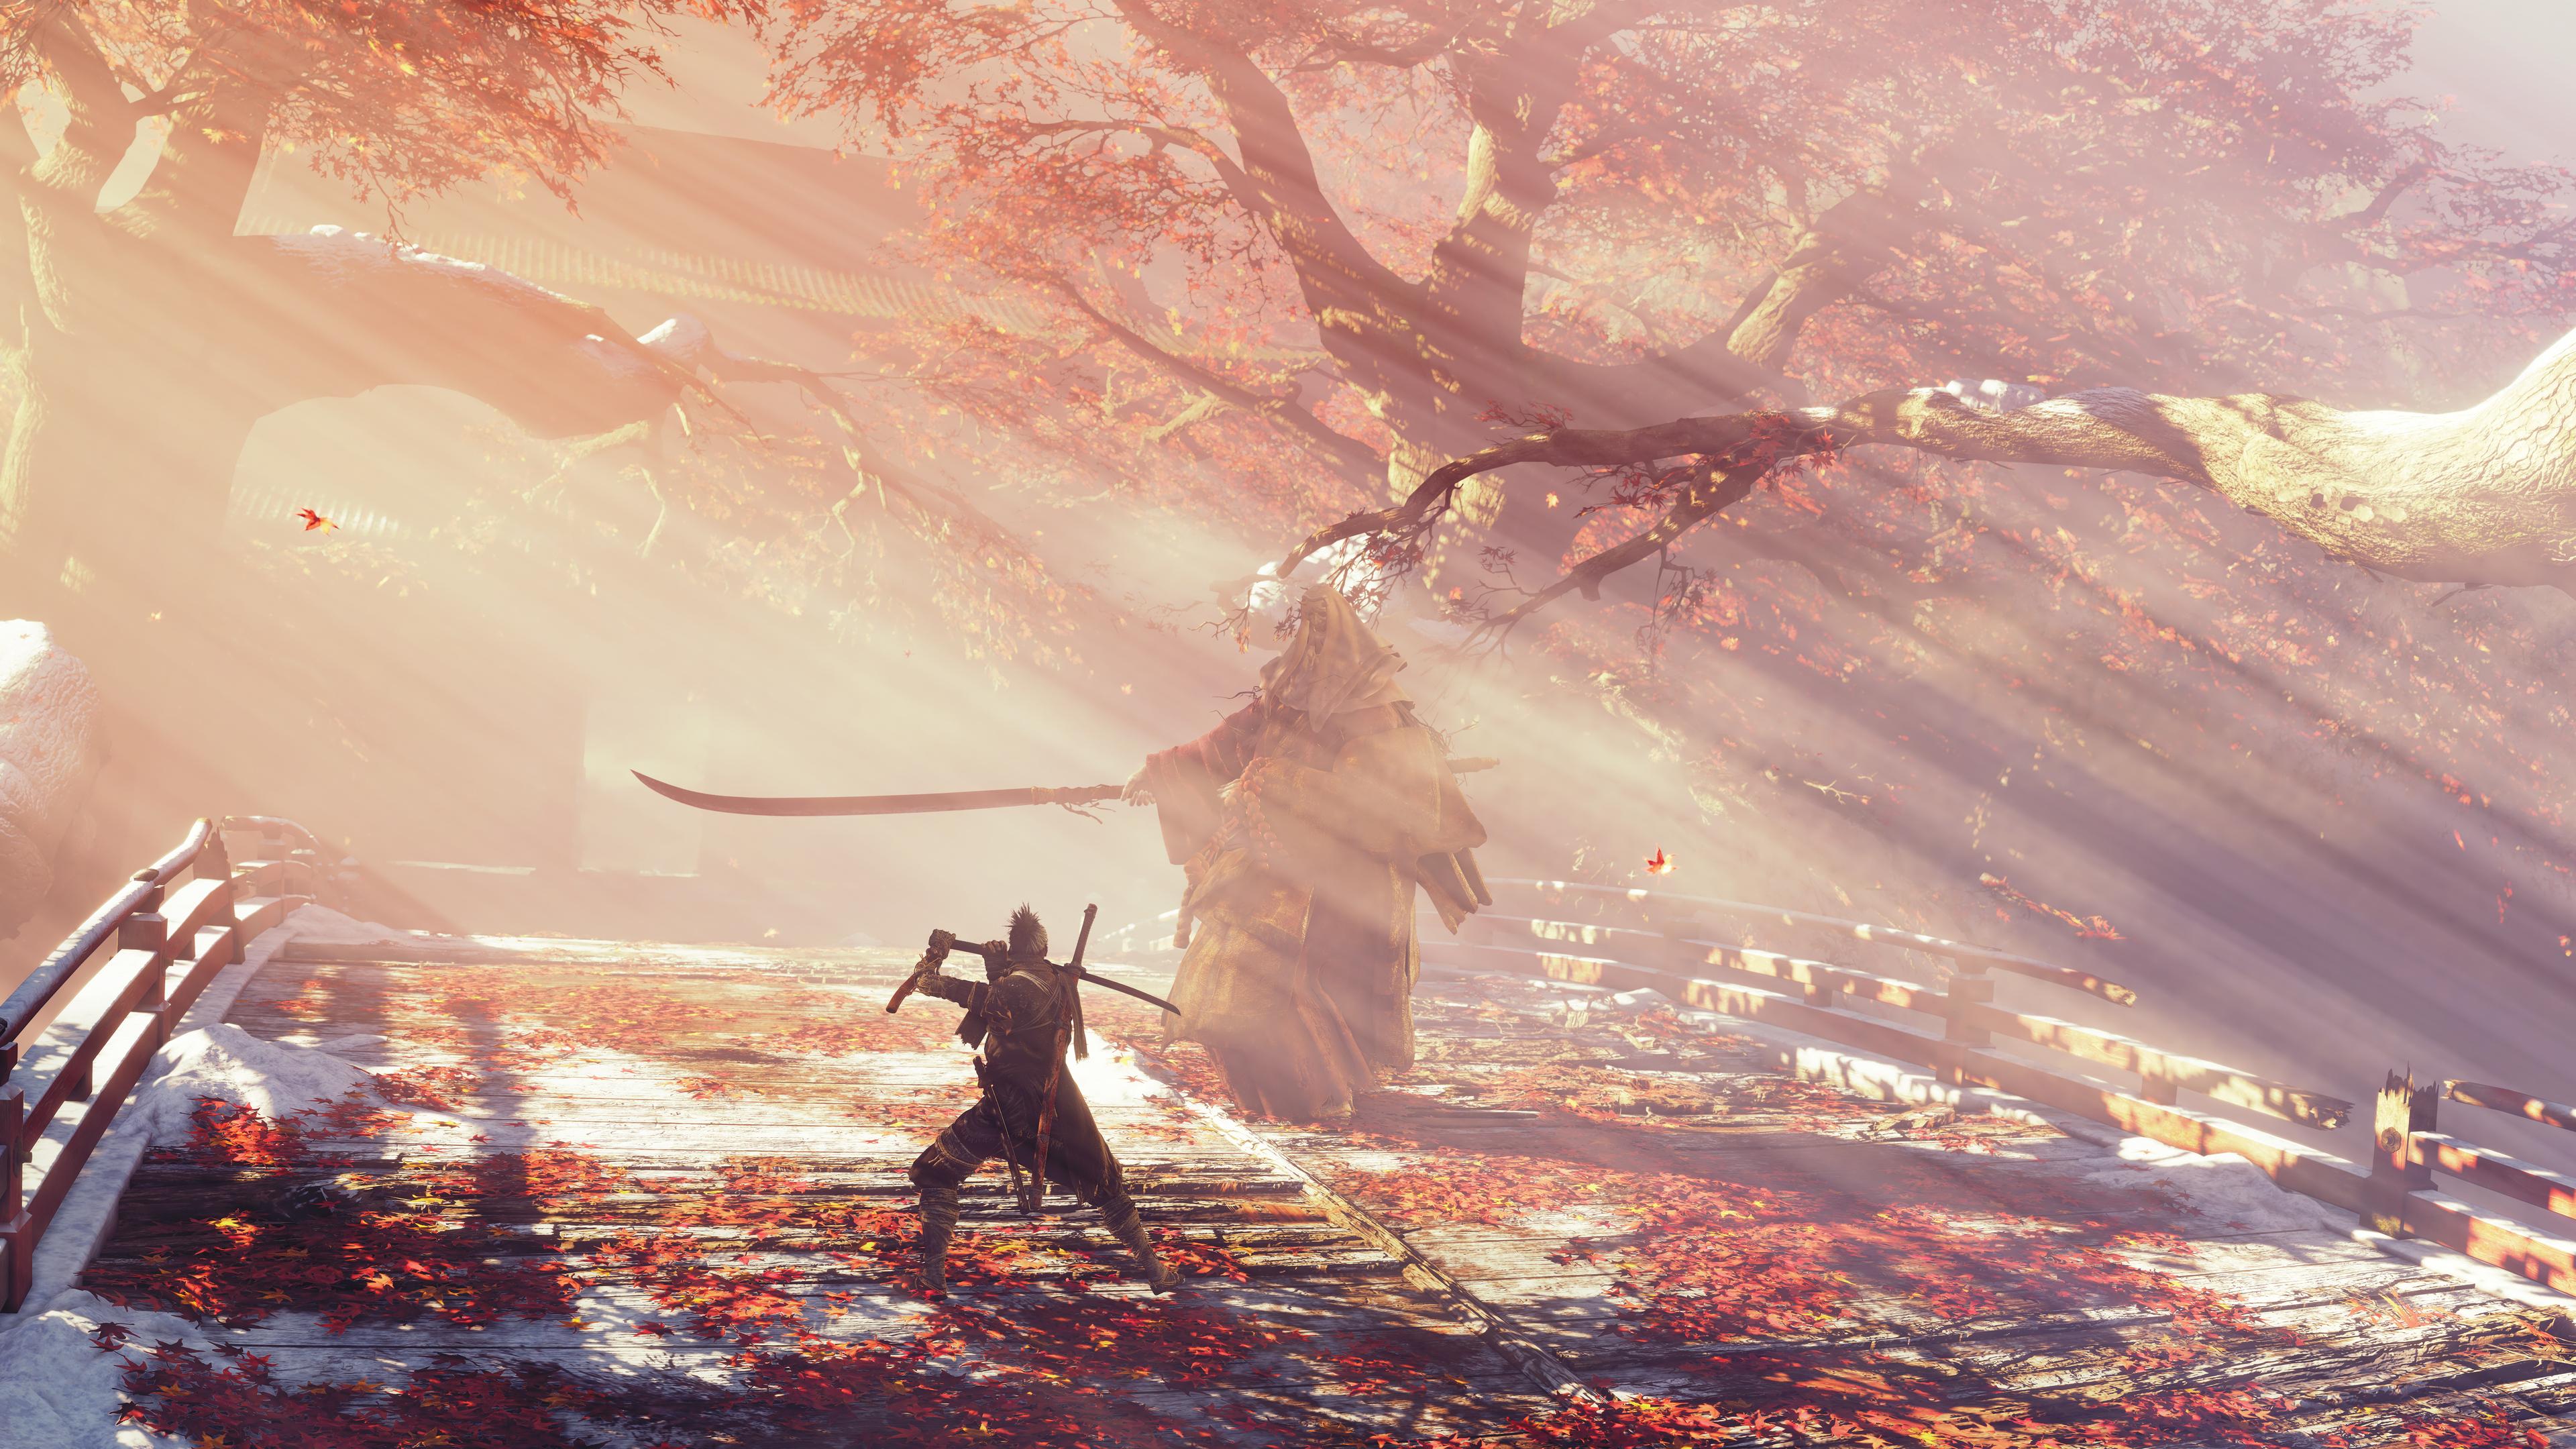 sekiro shadows die twice 4k 1558221211 - Sekiro Shadows Die Twice 4k - sekiro shadows die twice wallpapers, hd-wallpapers, games wallpapers, 4k-wallpapers, 2019 games wallpapers